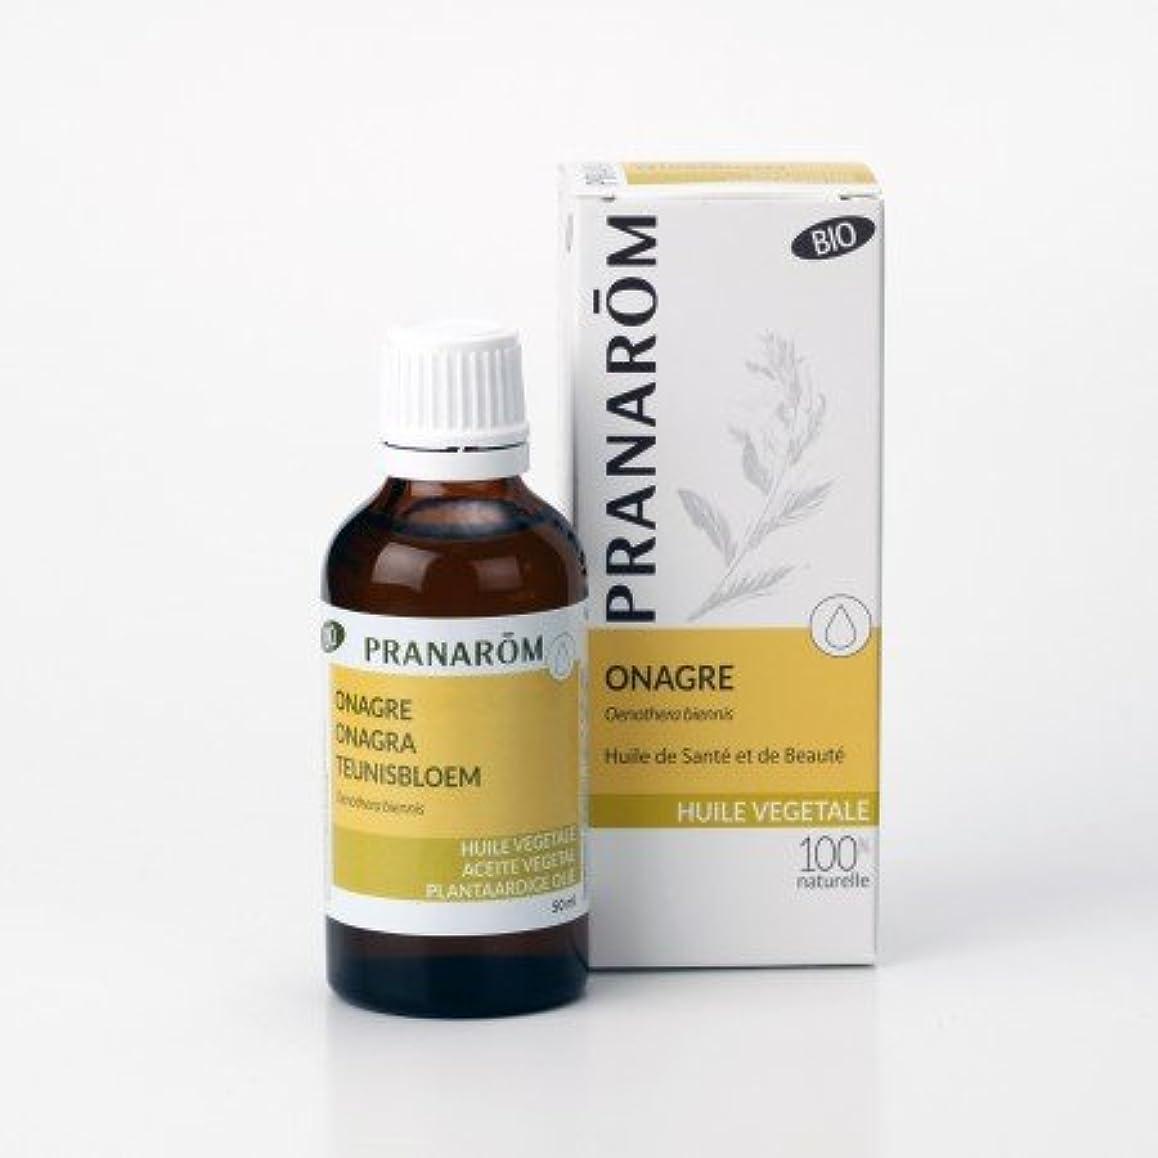 公演熱オフェンスプラナロム ( PRANAROM ) 植物油 イブニングプリムローズ油 50ml 12530 イブニングプリムローズオイル キャリアオイル ( 化粧油 )